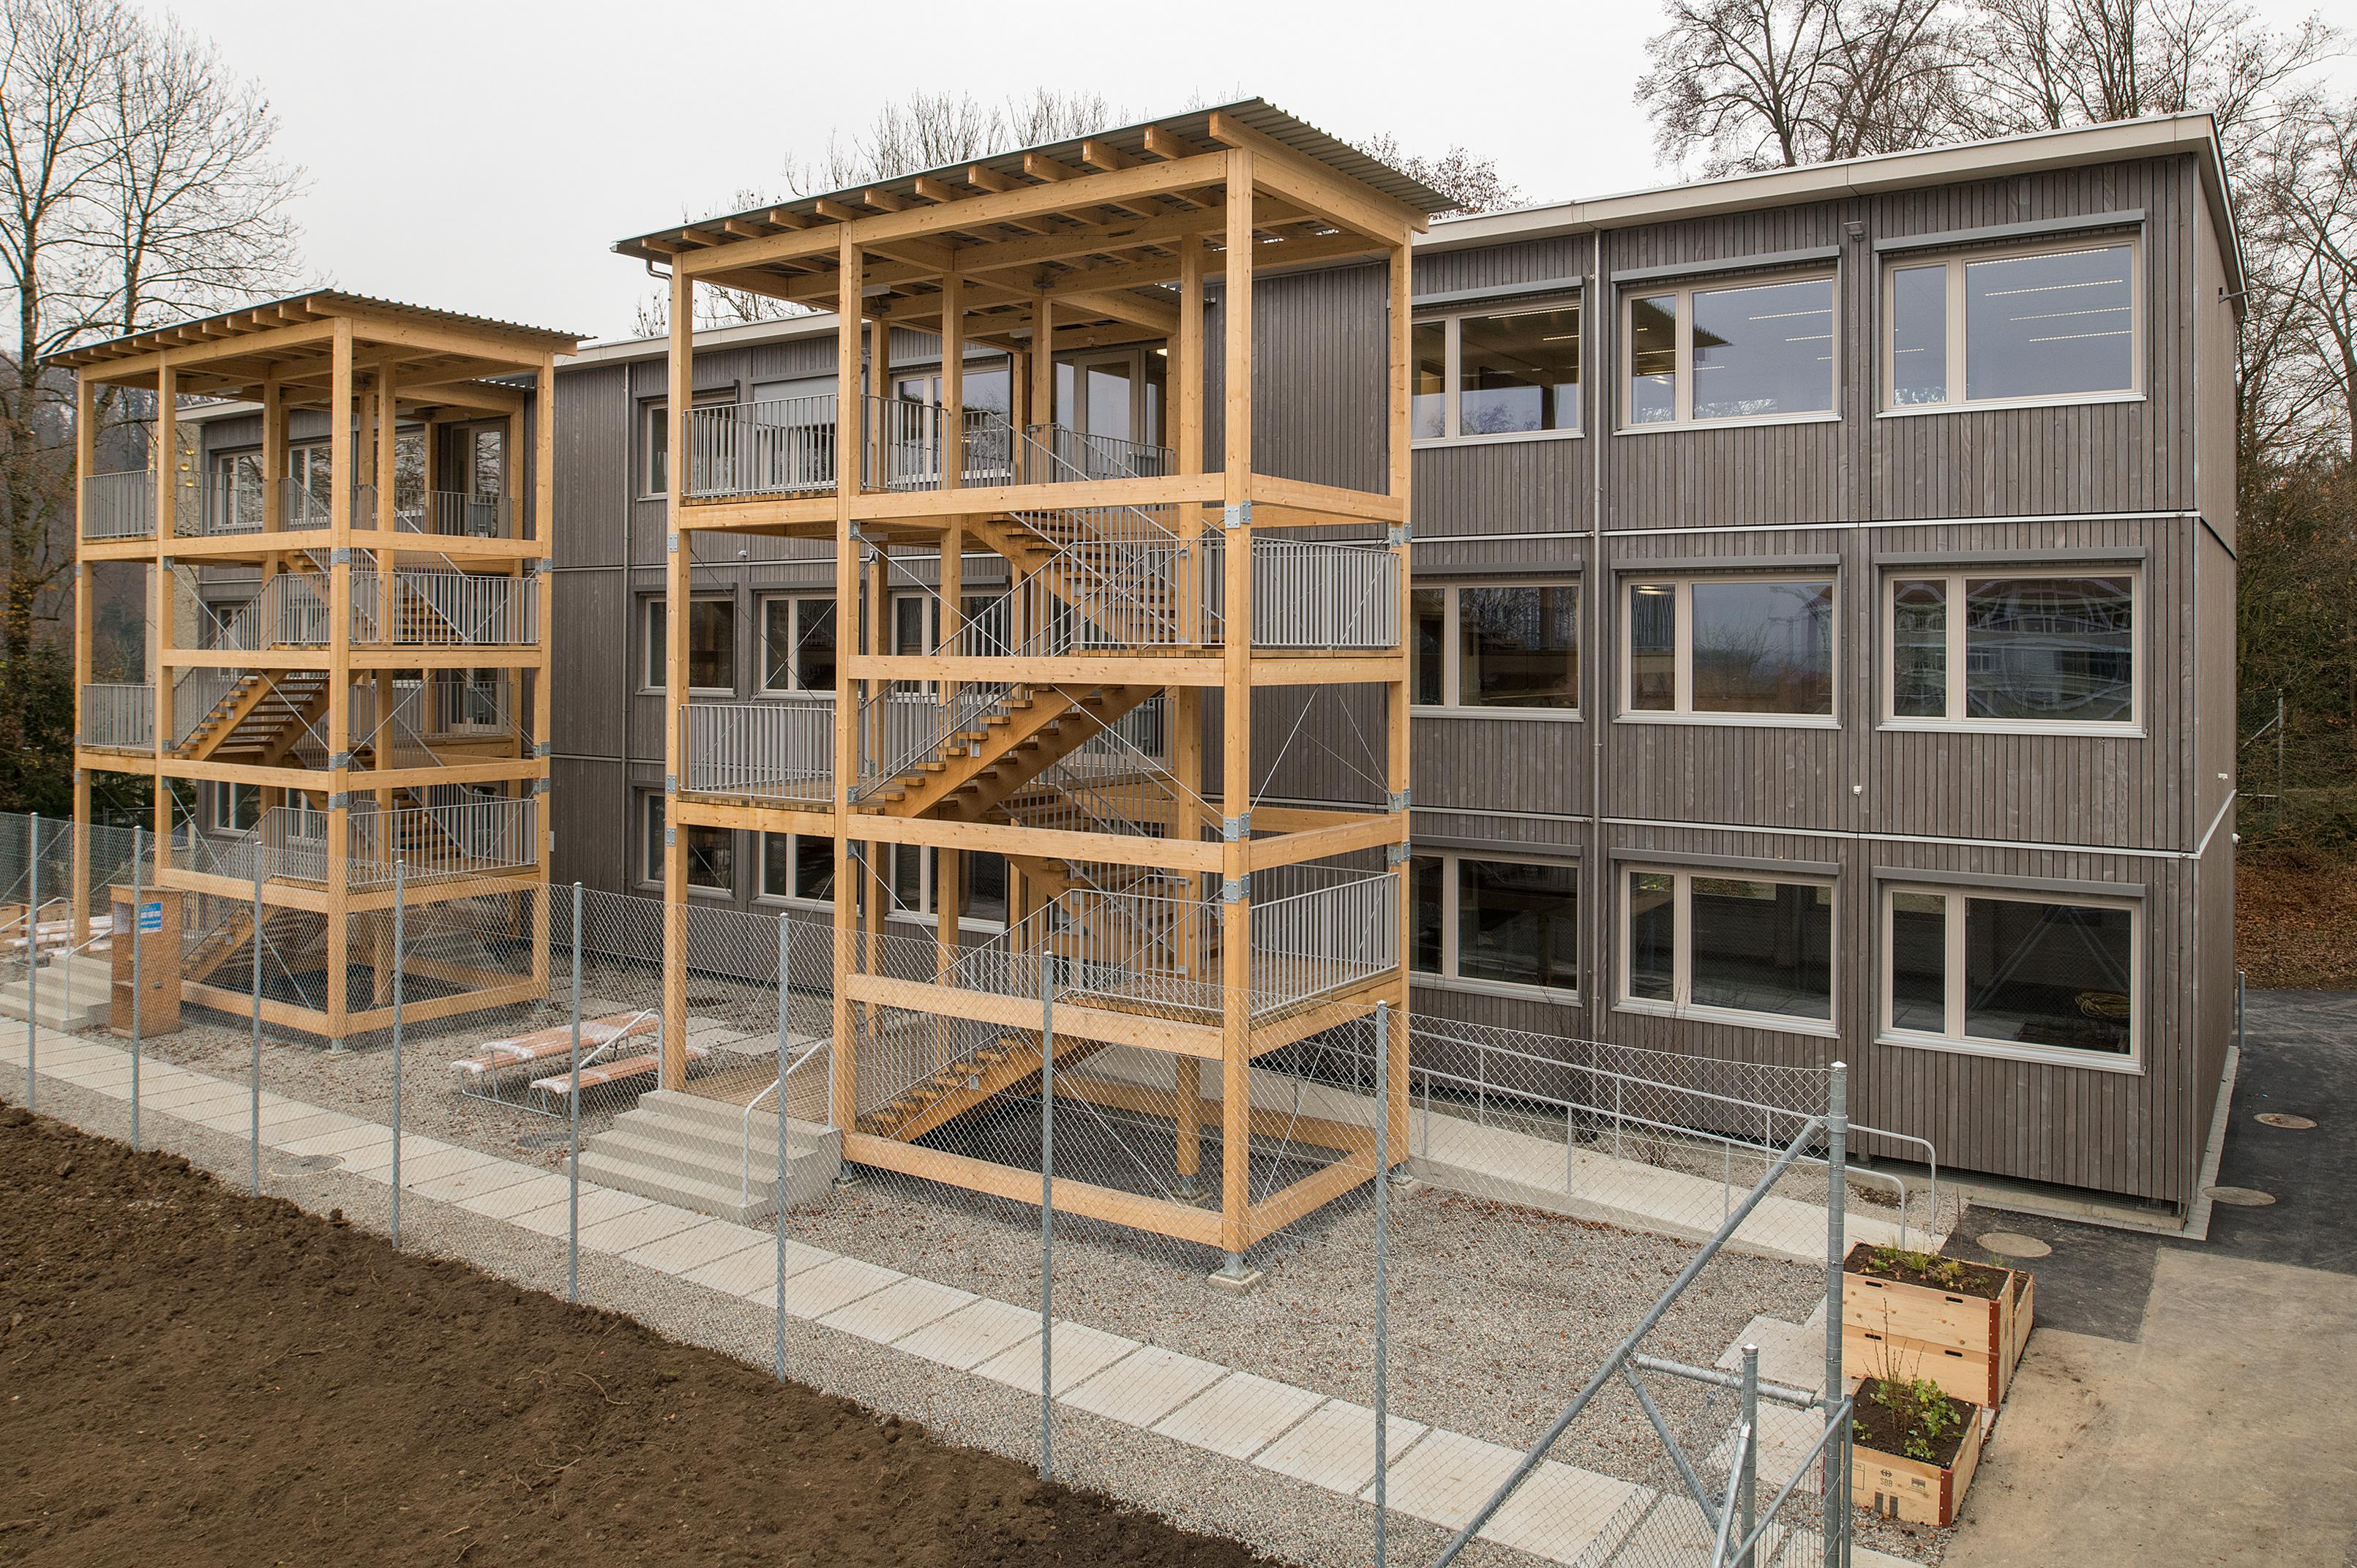 Projekt Modulschulhaus: Eine neue Schule in Rekordzeit